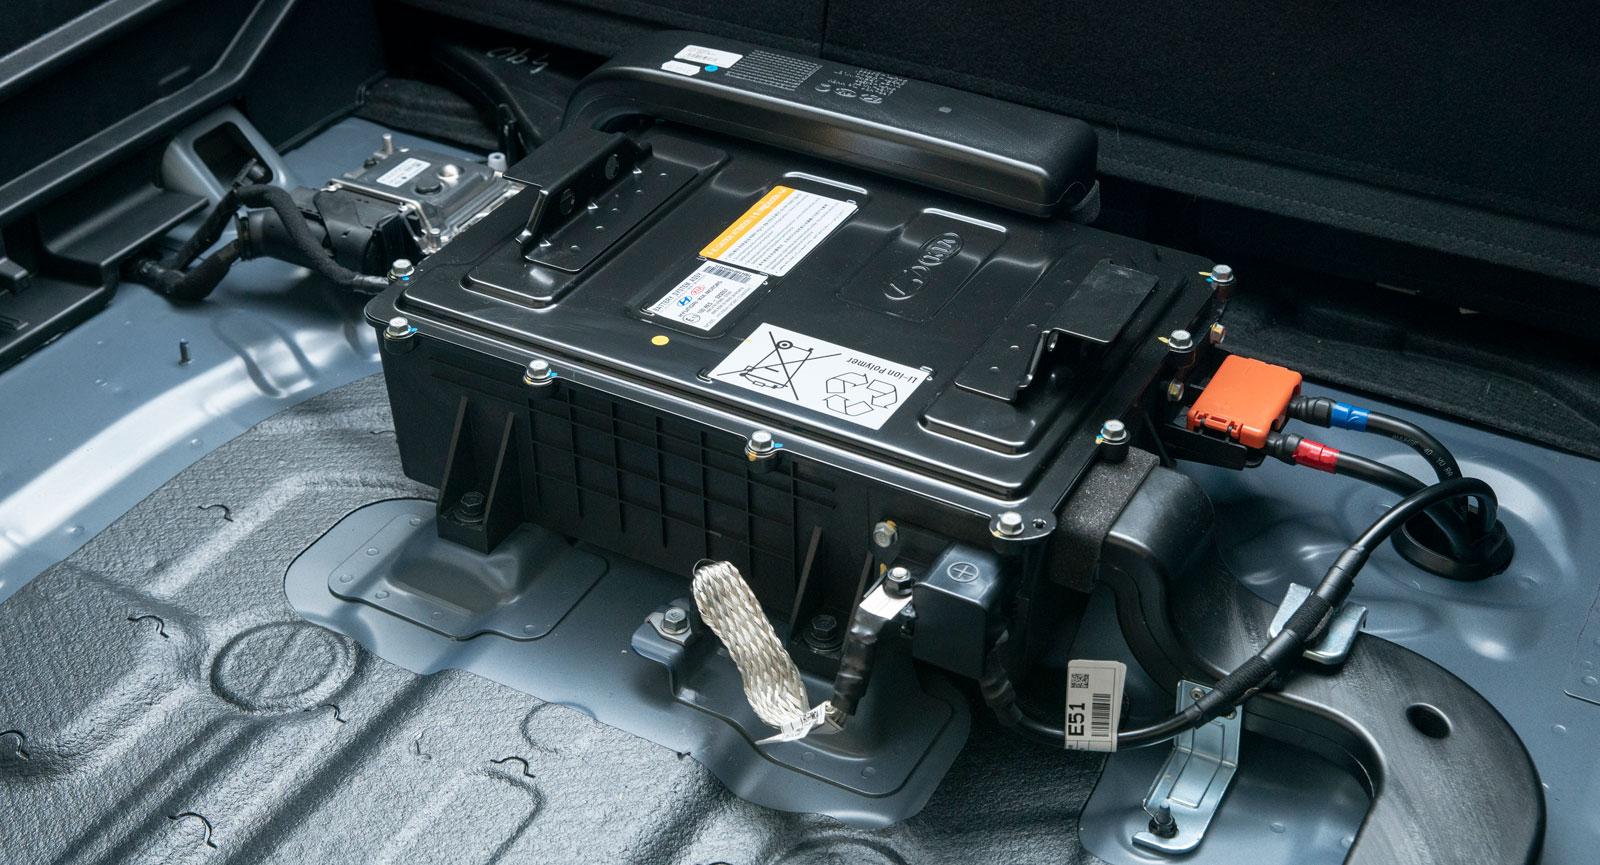 48-volts litiumjonbatteri i mildhybriden Sportage. Batteriet är på 0,436 kWh. Det finns plats för större...